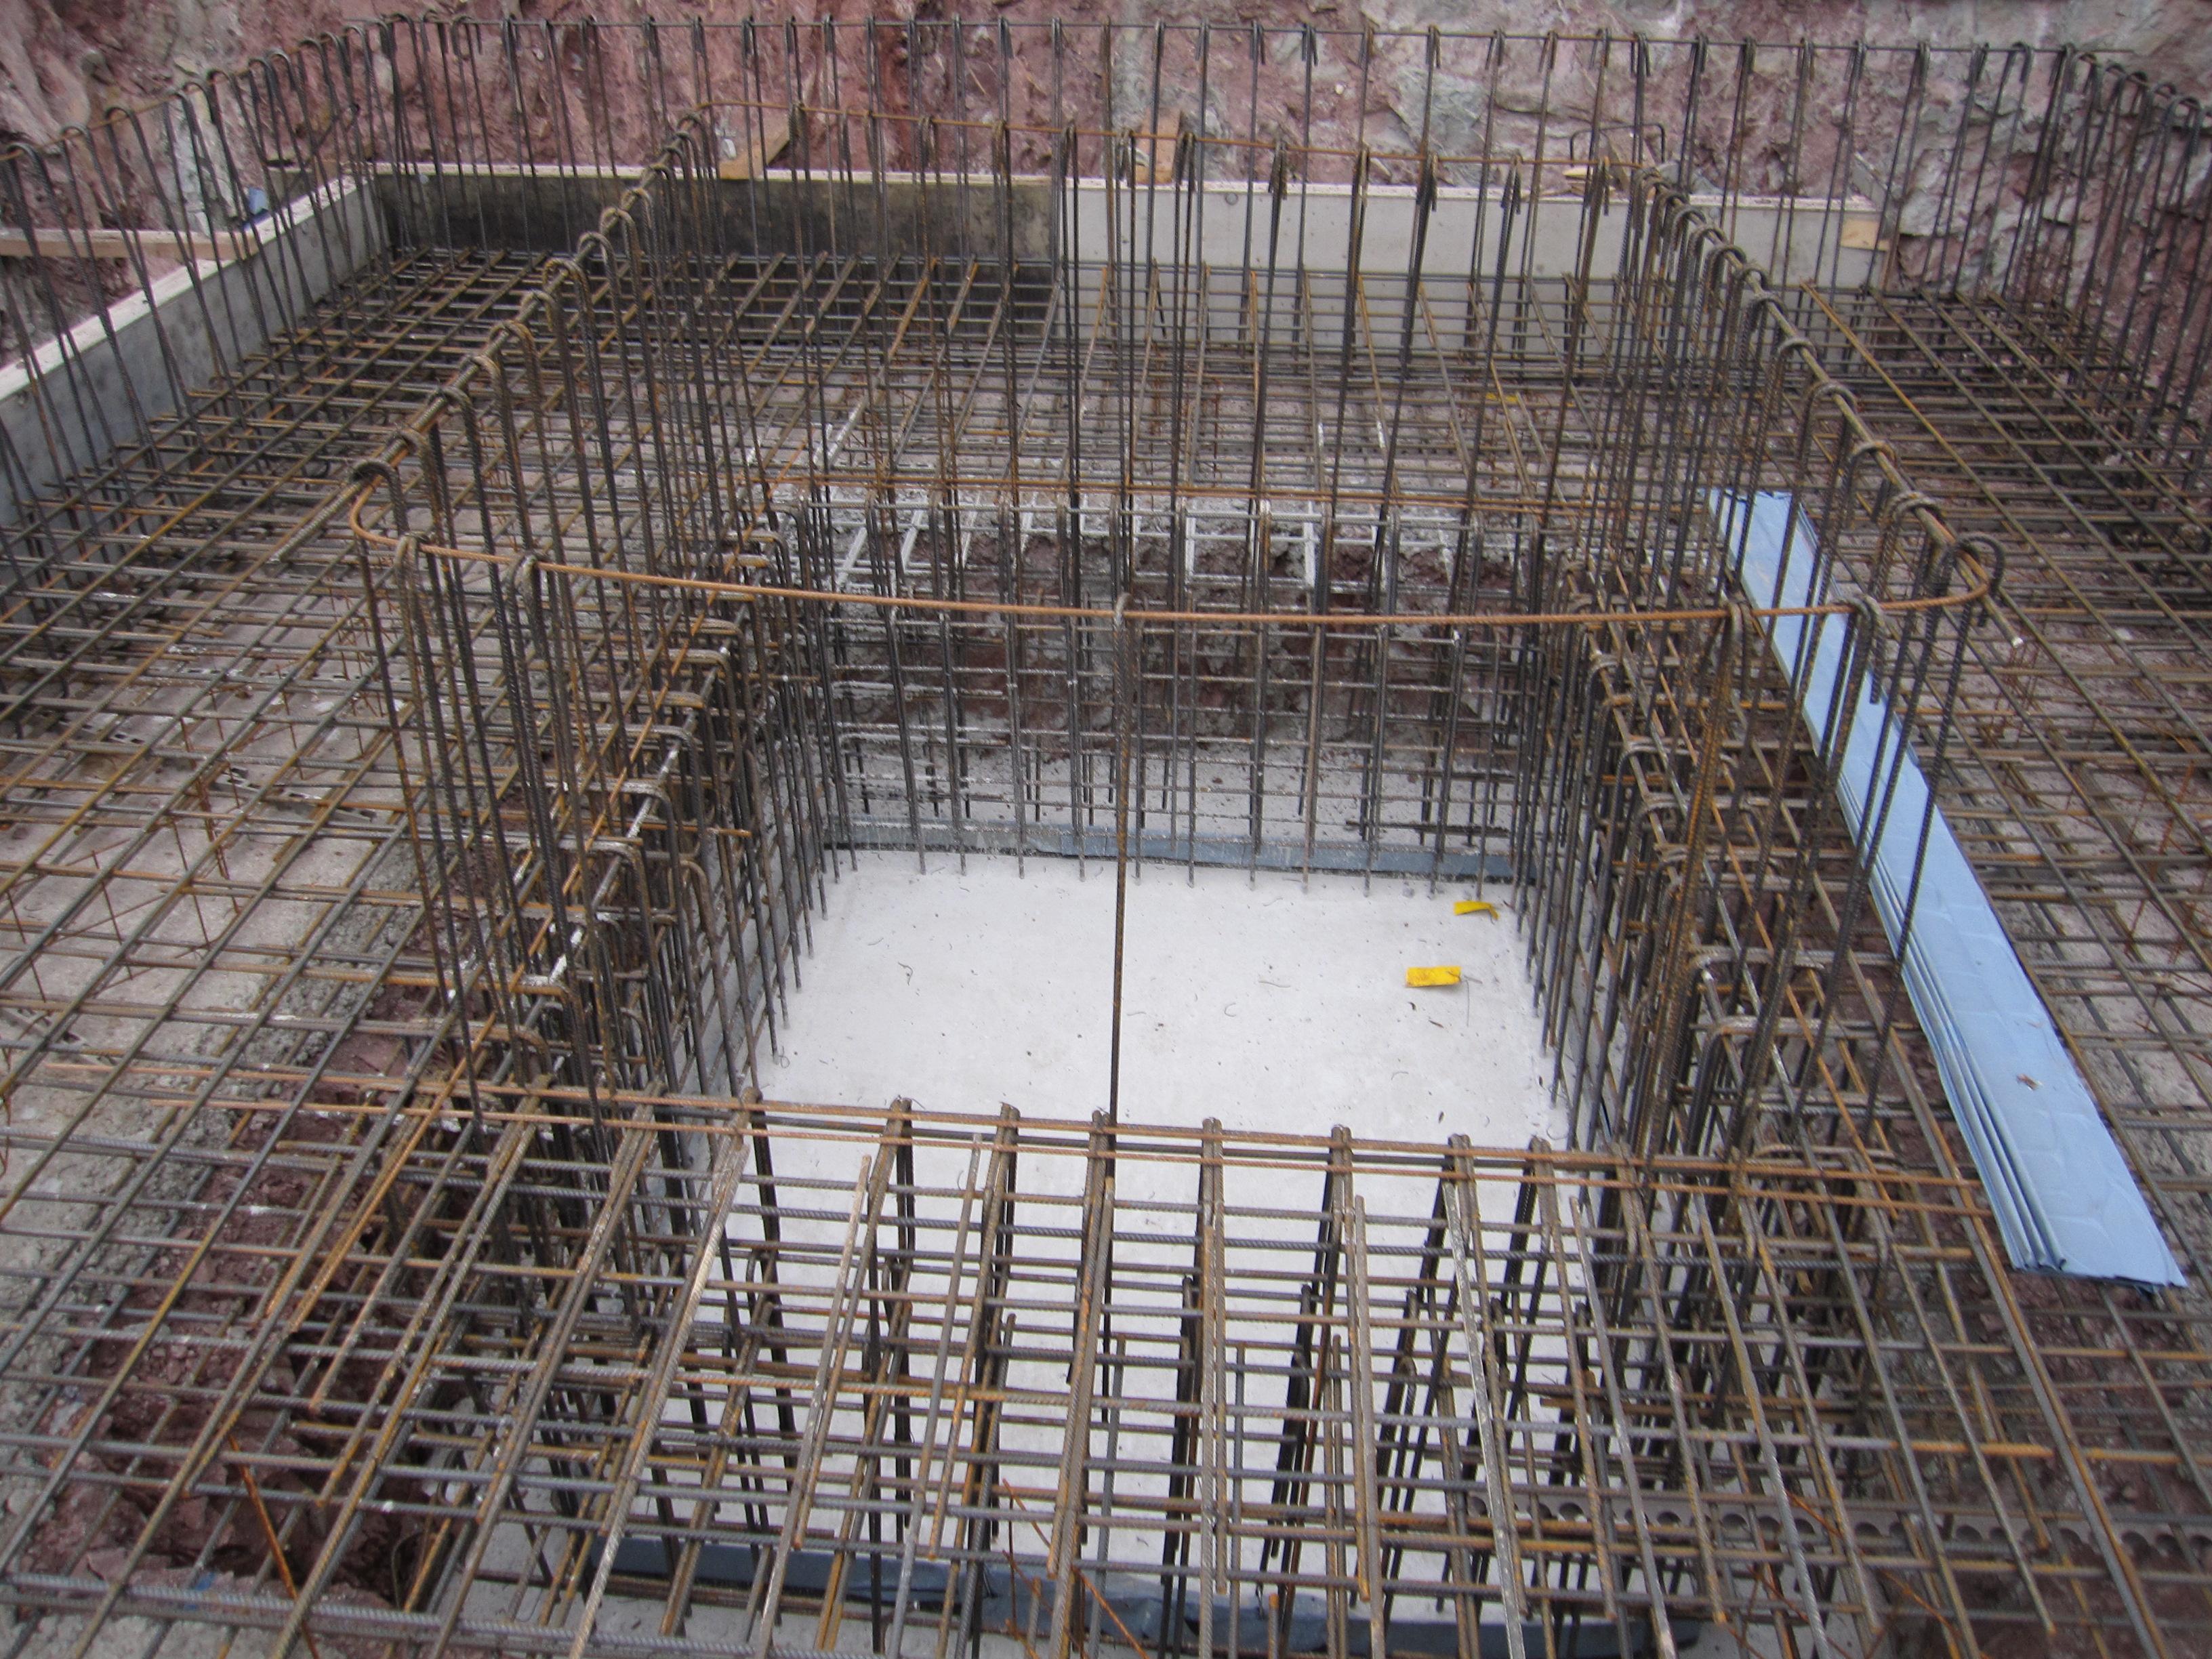 Hervorragend Hinterbrühl - Bewehrung Bodenplatte und Aufzugschachtgrube - Dipl CE58